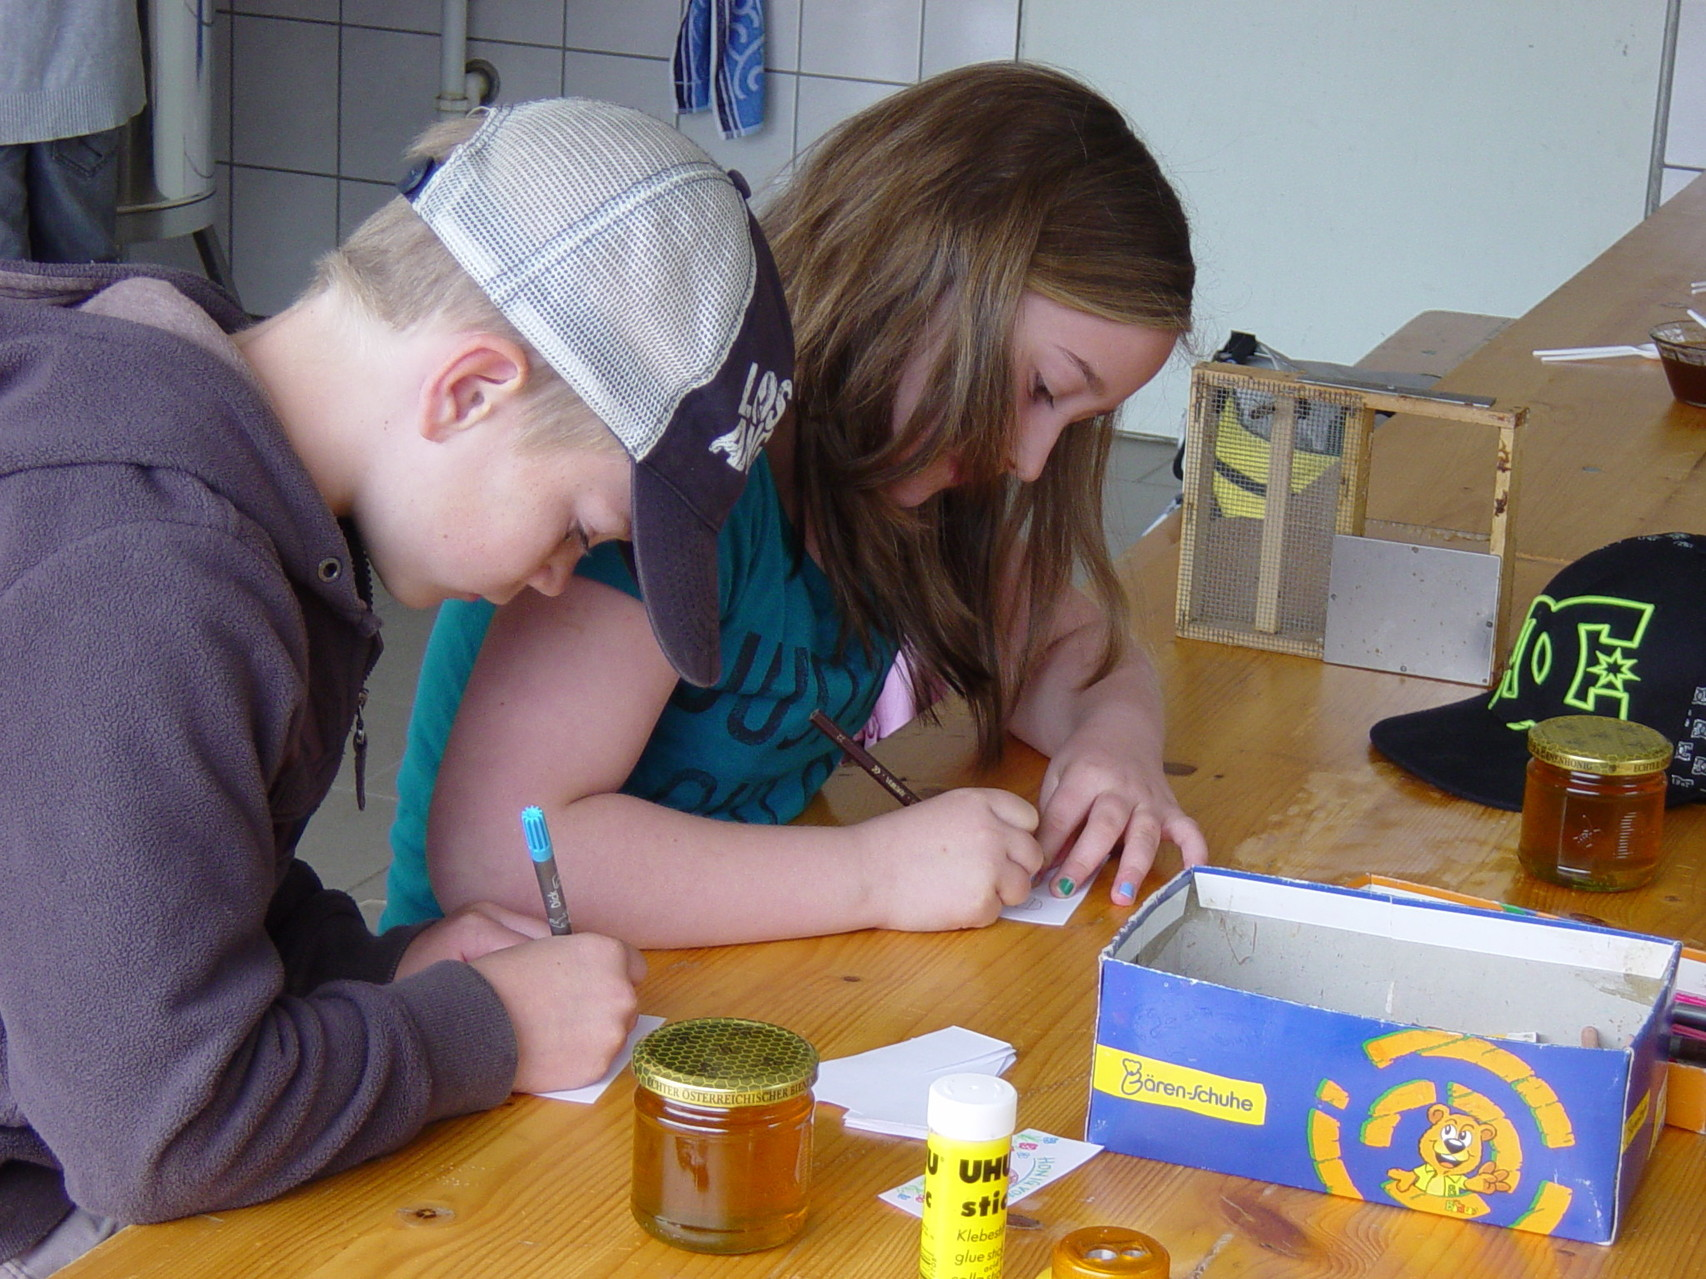 Die Kinder durften sich ihre eigenen Etiketten für ihren Honig gestalten.